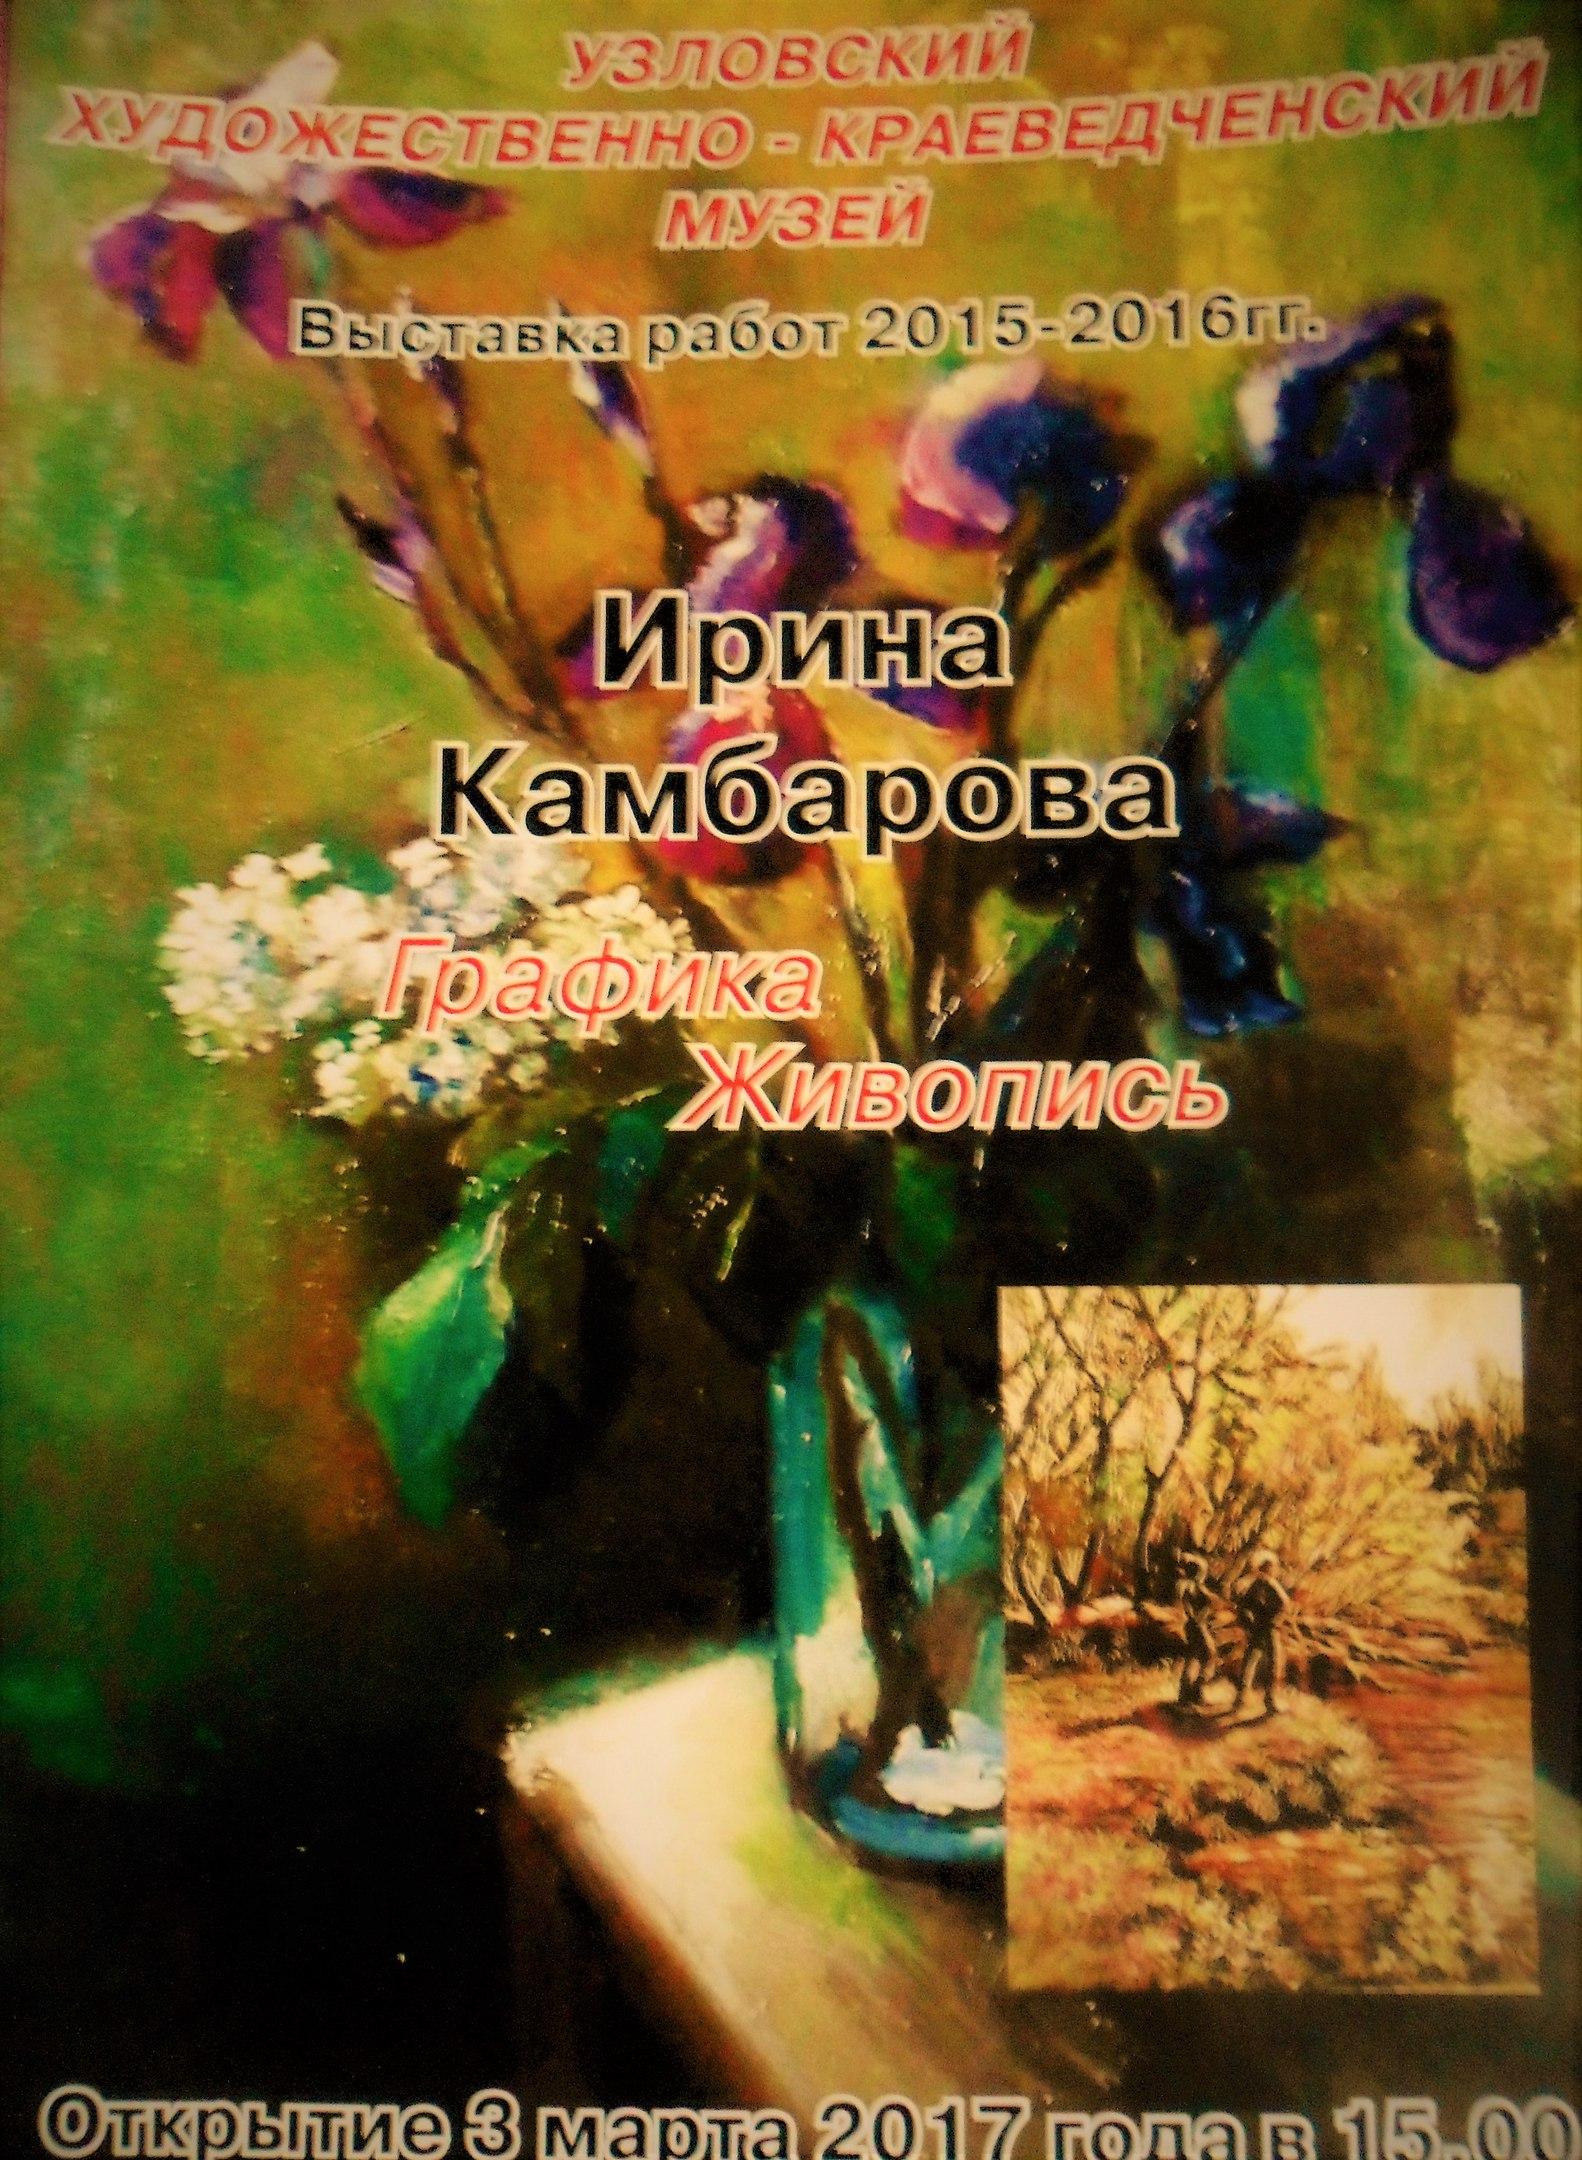 Живопись Ирины Камбаровой